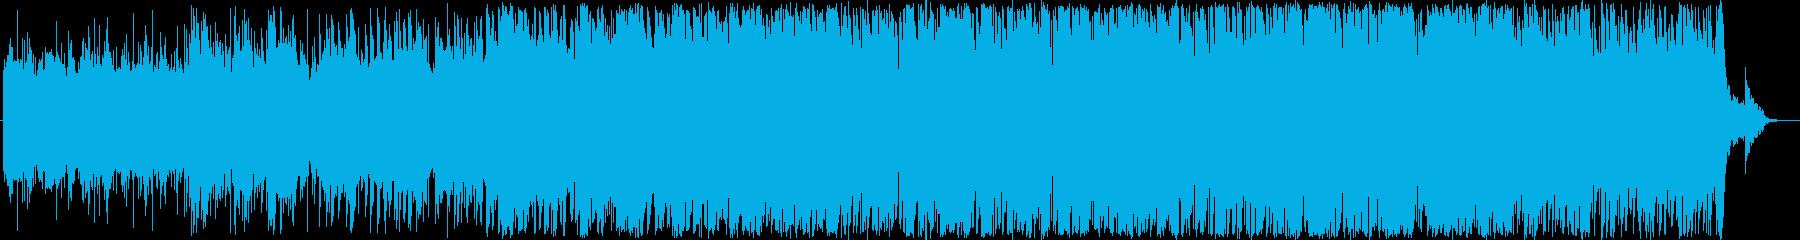 星空をイメージしたヒーリングBGMの再生済みの波形